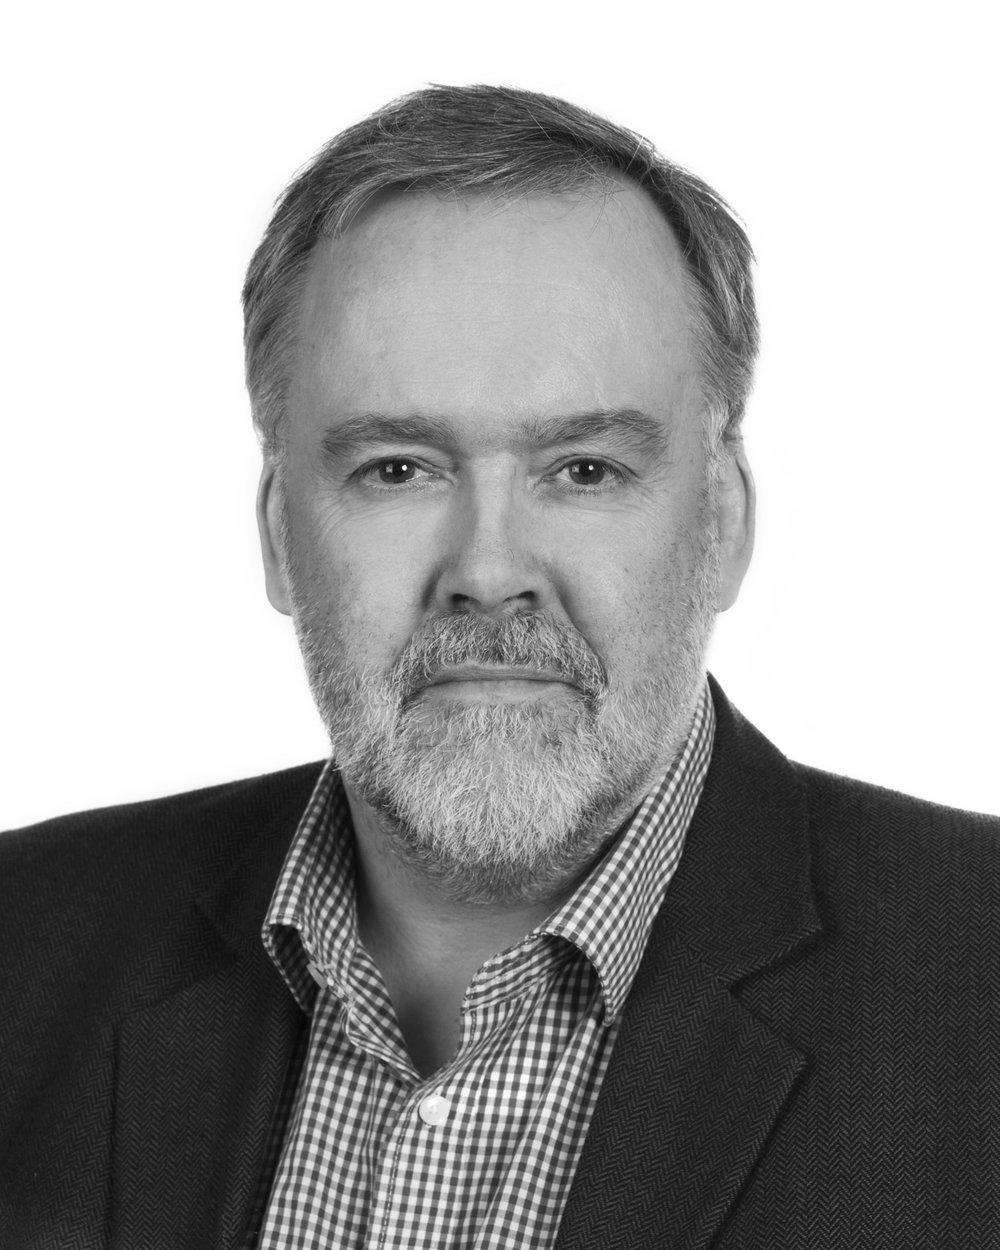 18. Gunnar Hólmsteinn Ársælsson